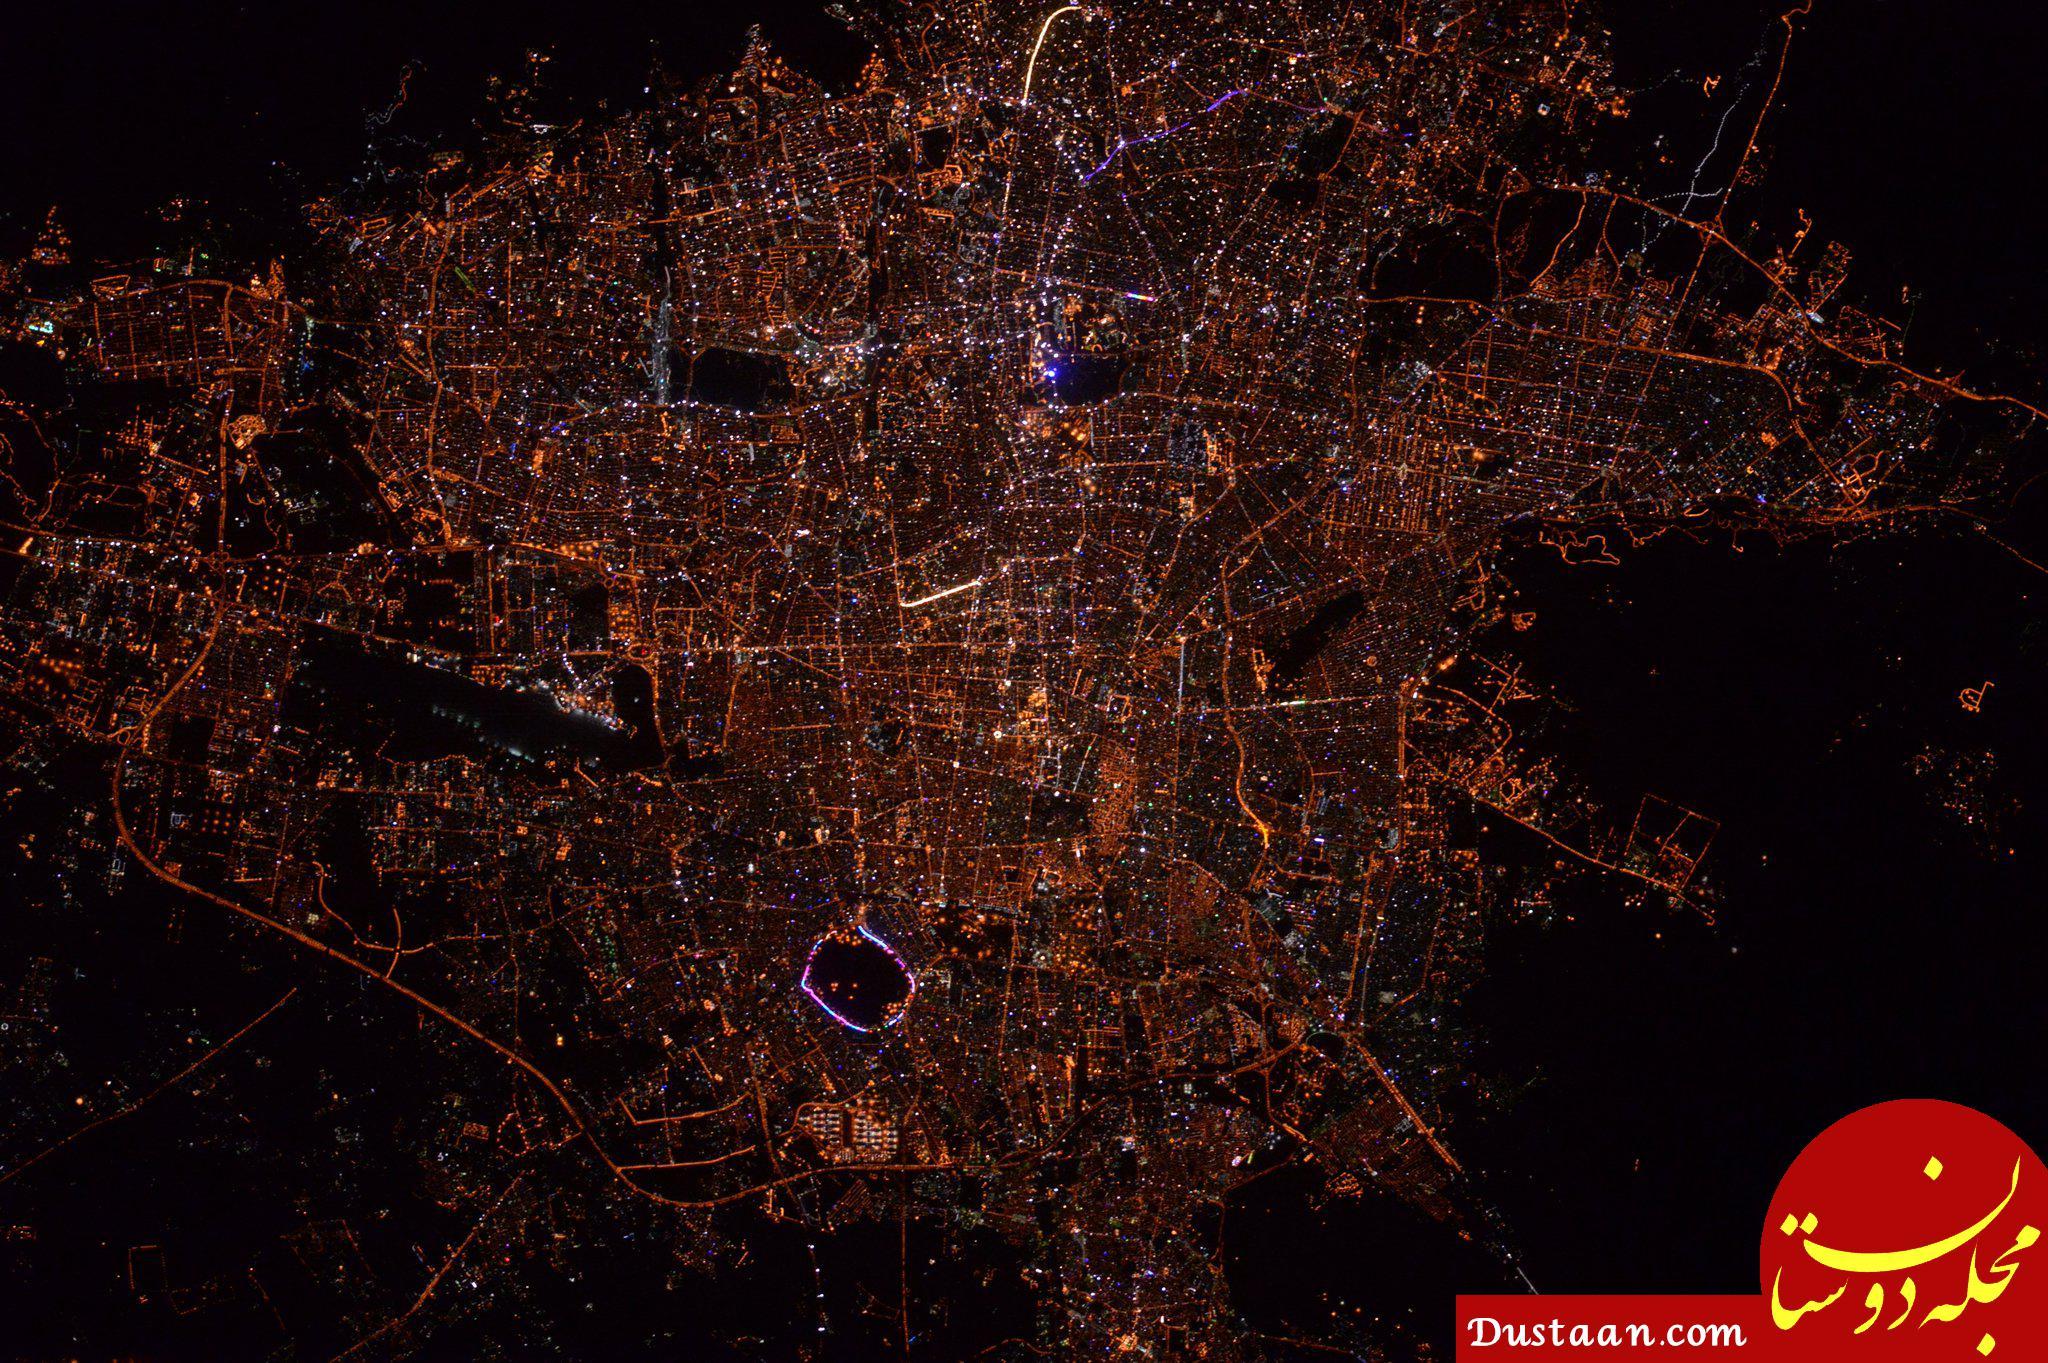 تهران از ایستگاه فضایی بینالمللی! +عکس